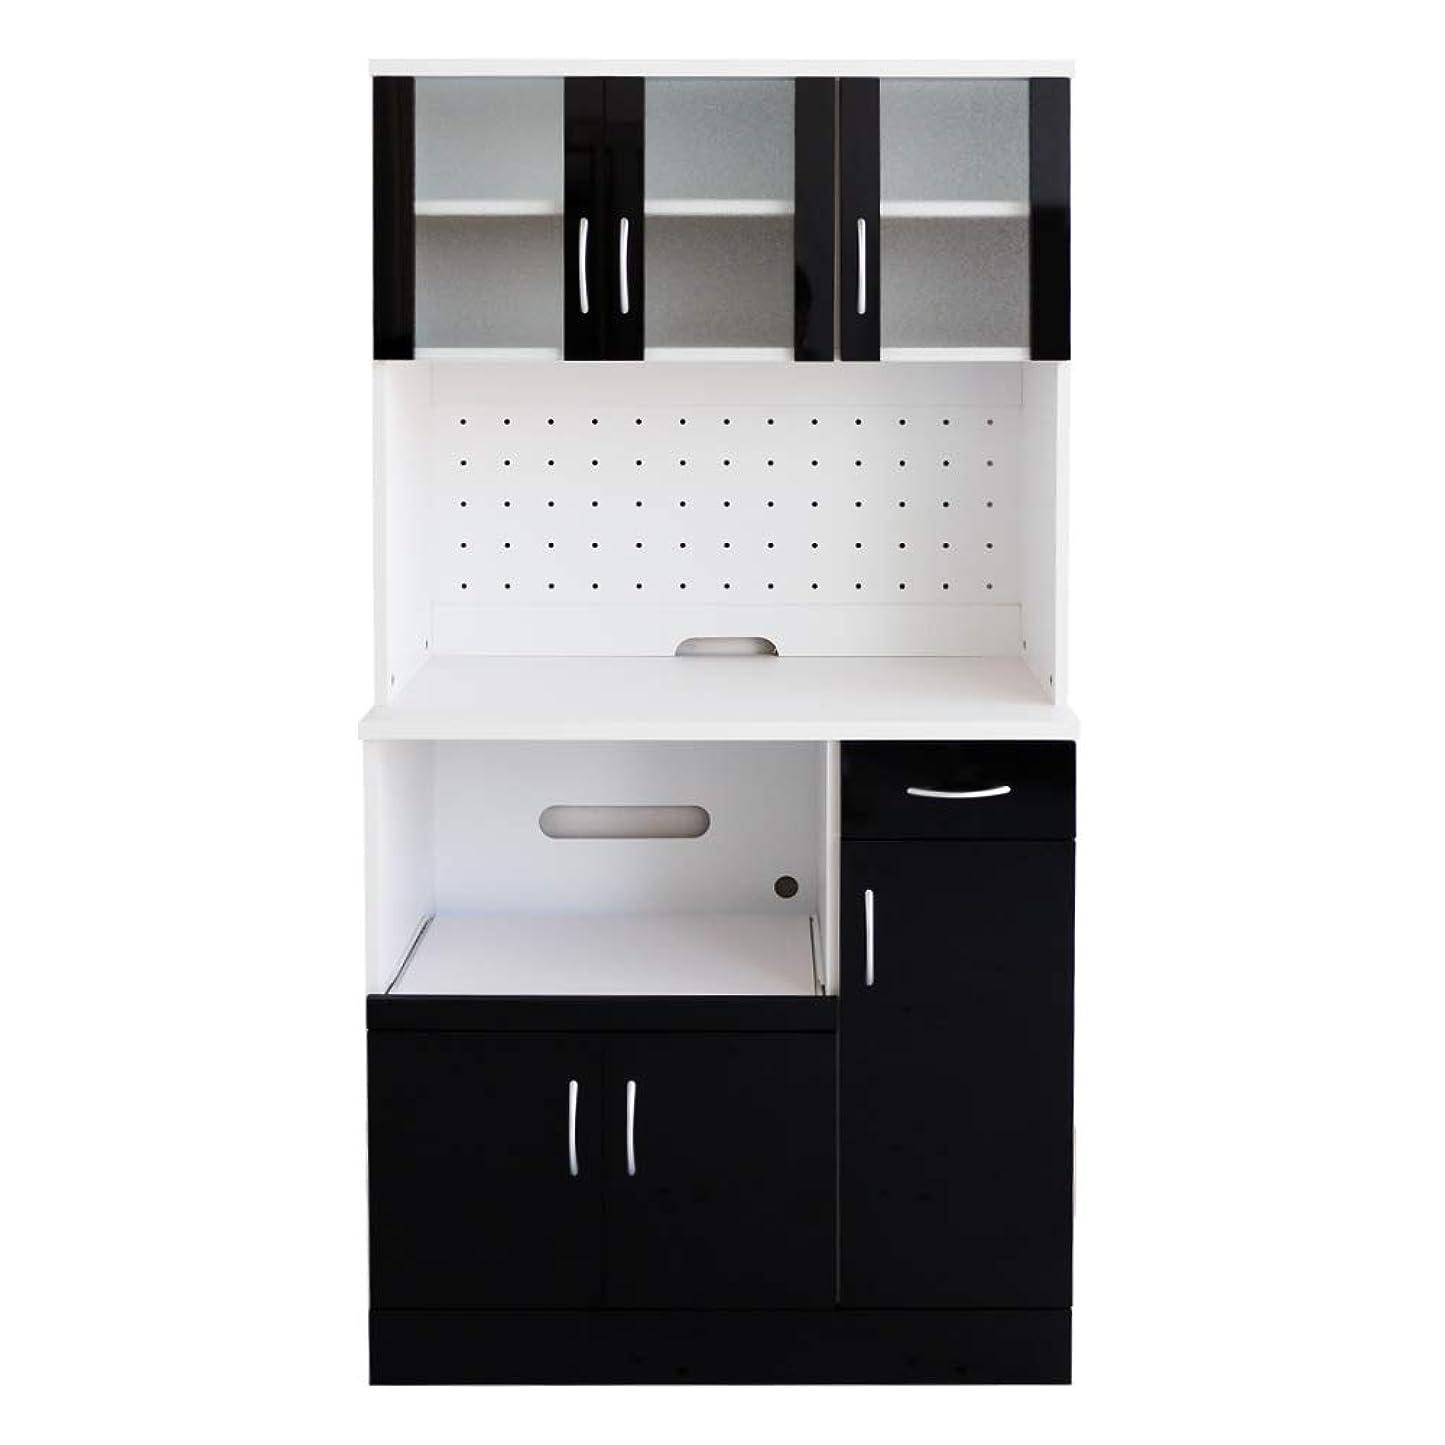 知人計算地下高級感溢れる鏡面仕上げ キッチンボード レンジ台 レンジボード 食器棚 幅90cm ミラージュ (ブラック) / スリム 木製 カップボード 炊飯器 収納 黒